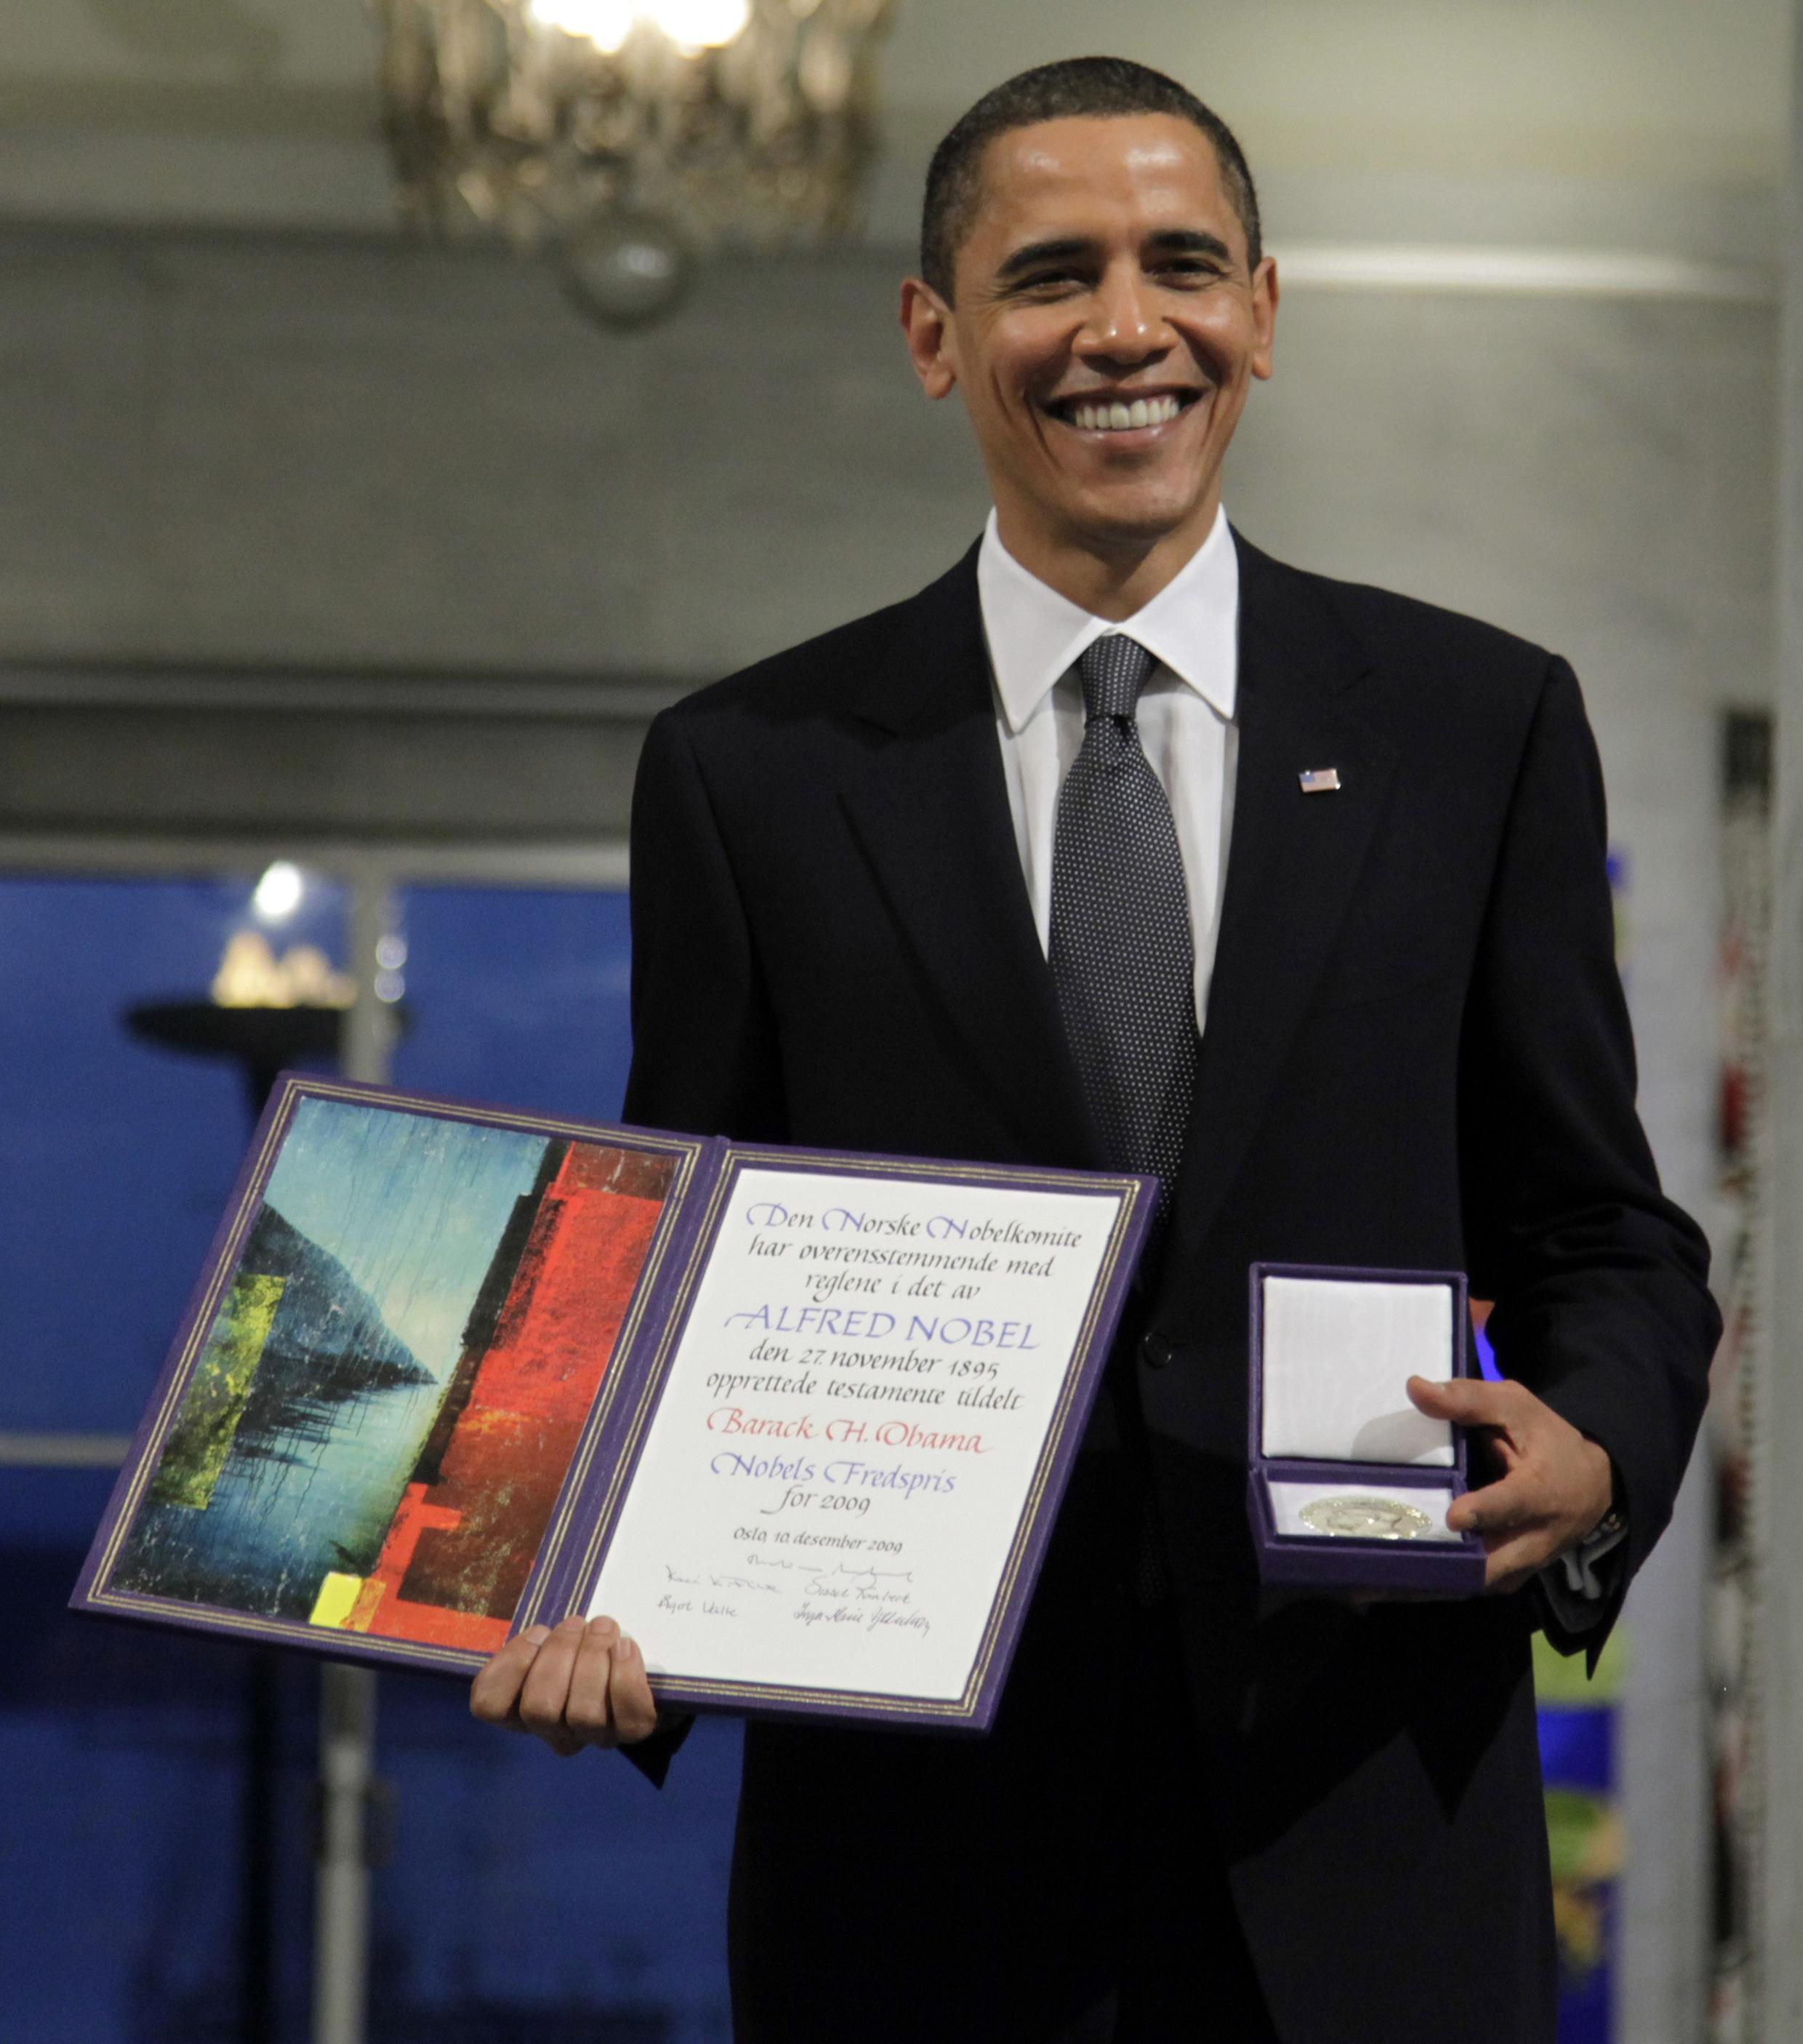 Le prix décerné en 2009 au président américain Barack Obama avaient irrité les contempteurs. Ici, Barack Obama pose avec son prix, le 10 décembre 2009.